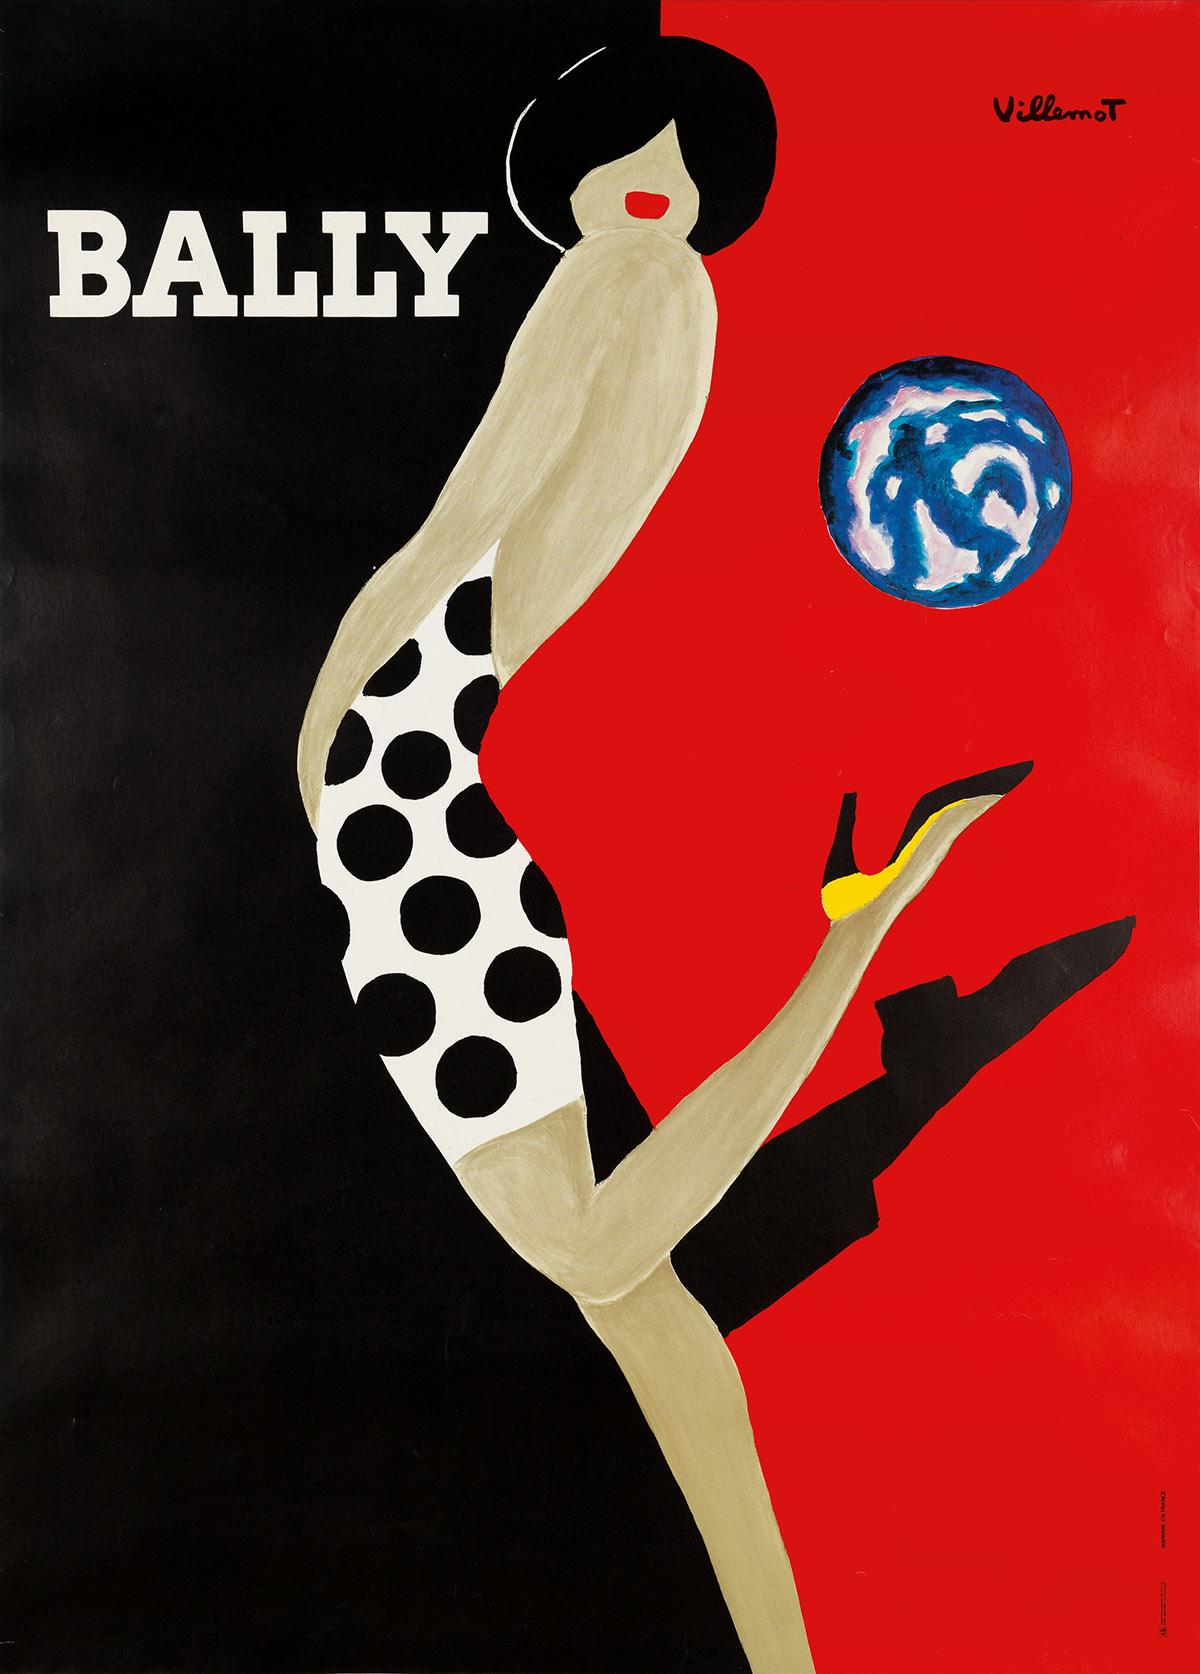 BERNARD VILLEMOT (1911-1989). BALLY. 1989. 68x45 inches, 173x116 cm. A. Karcher, Paris.